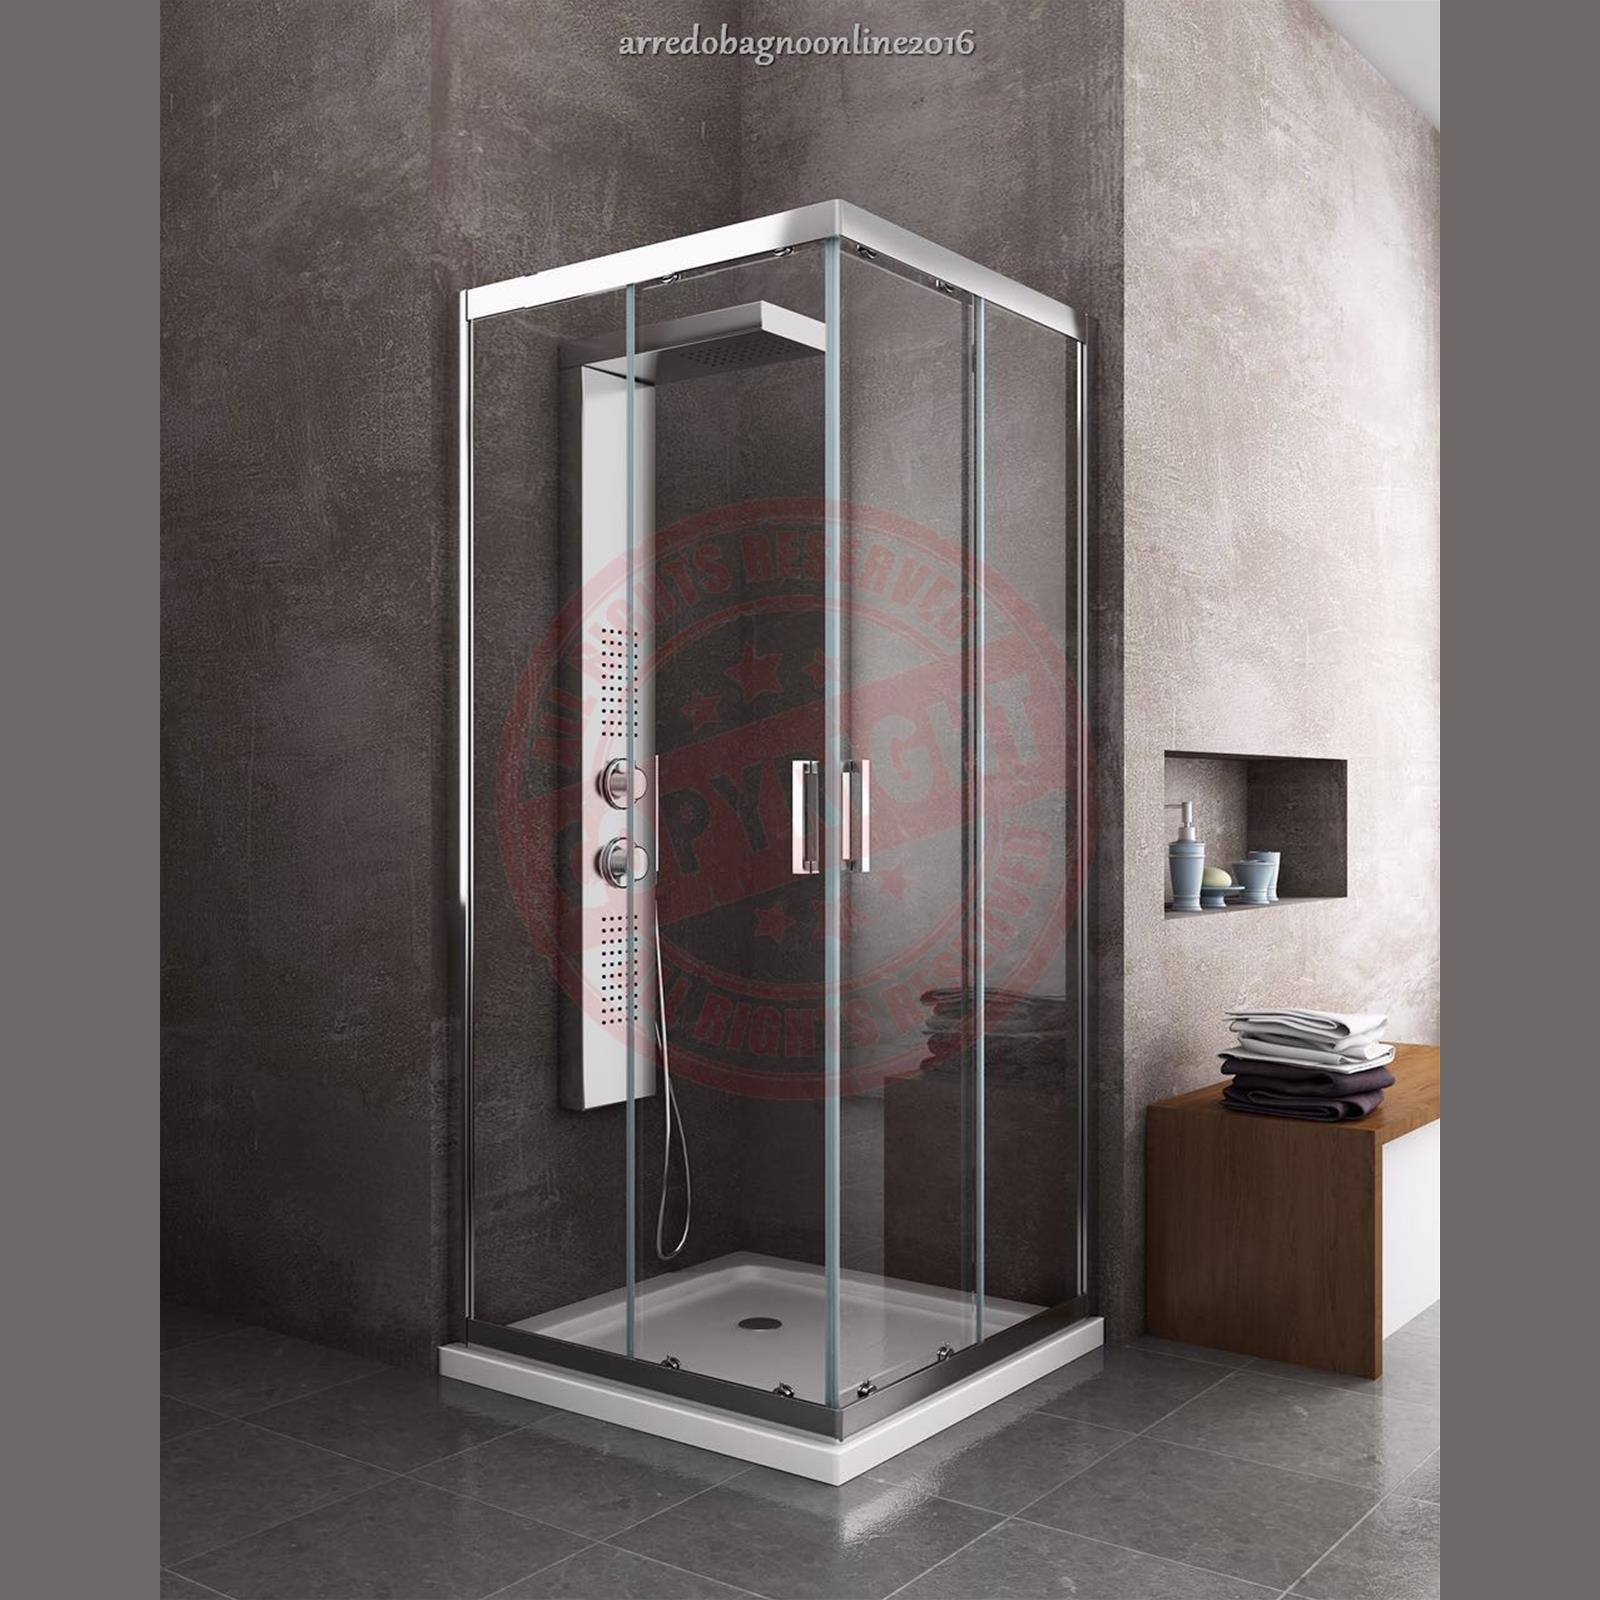 box kabine dusche badezimmer eckig zum schieben rechteckig 70 80 90 100 120 140 ebay. Black Bedroom Furniture Sets. Home Design Ideas